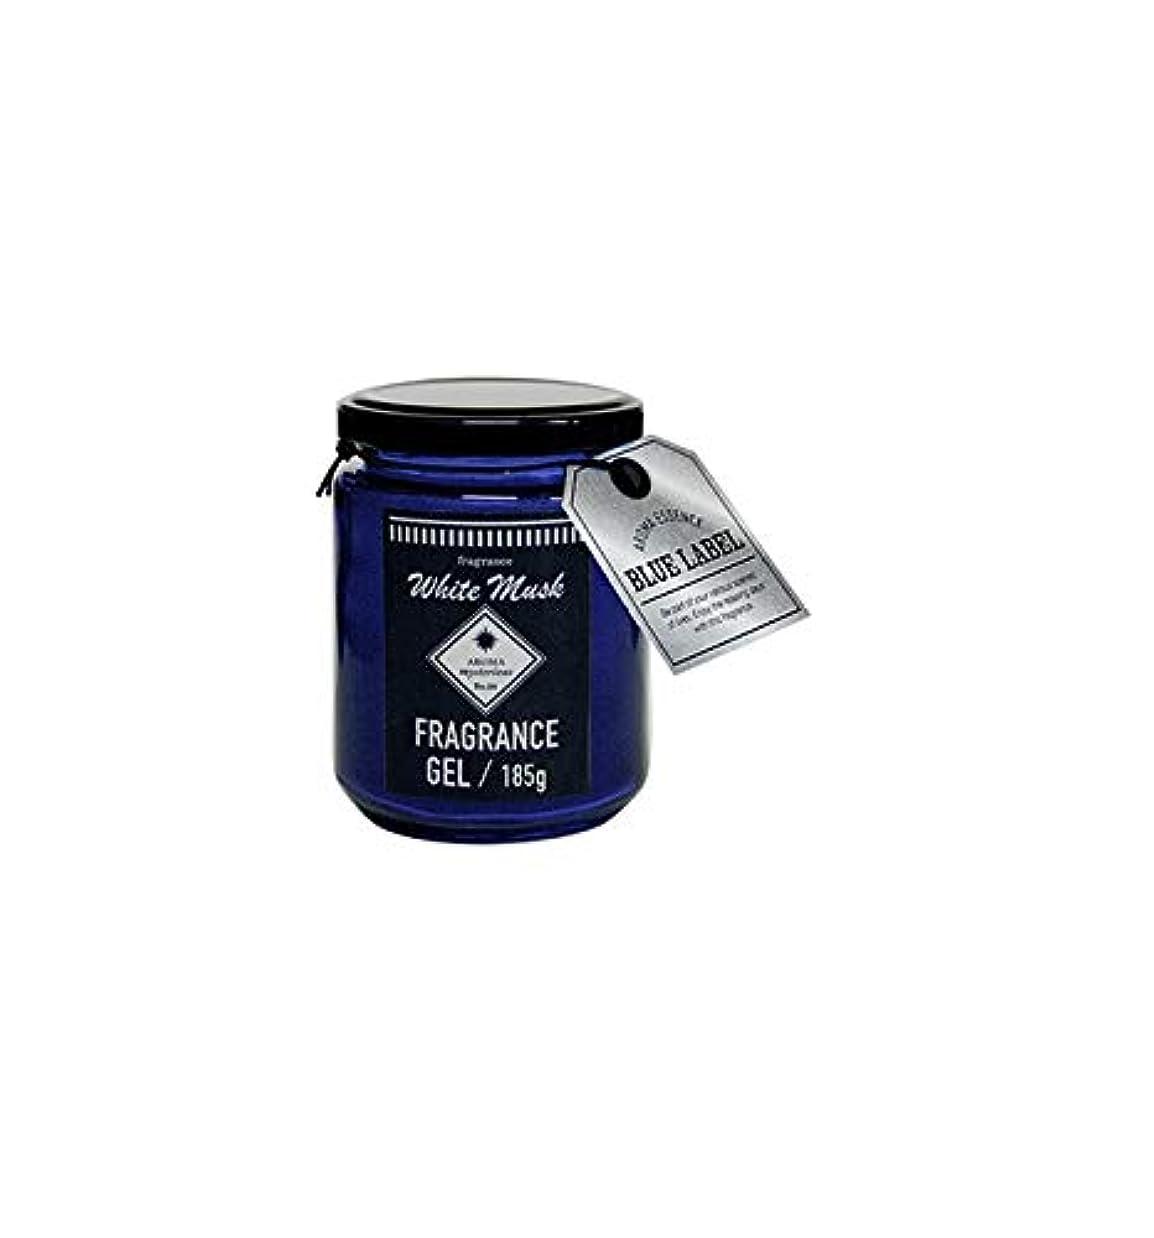 受粉する有毒コインアロマエッセンスブルーラベル フレグランスジェル185g ホワイトムスク(消臭除菌 日本製 誰もが好む香り)